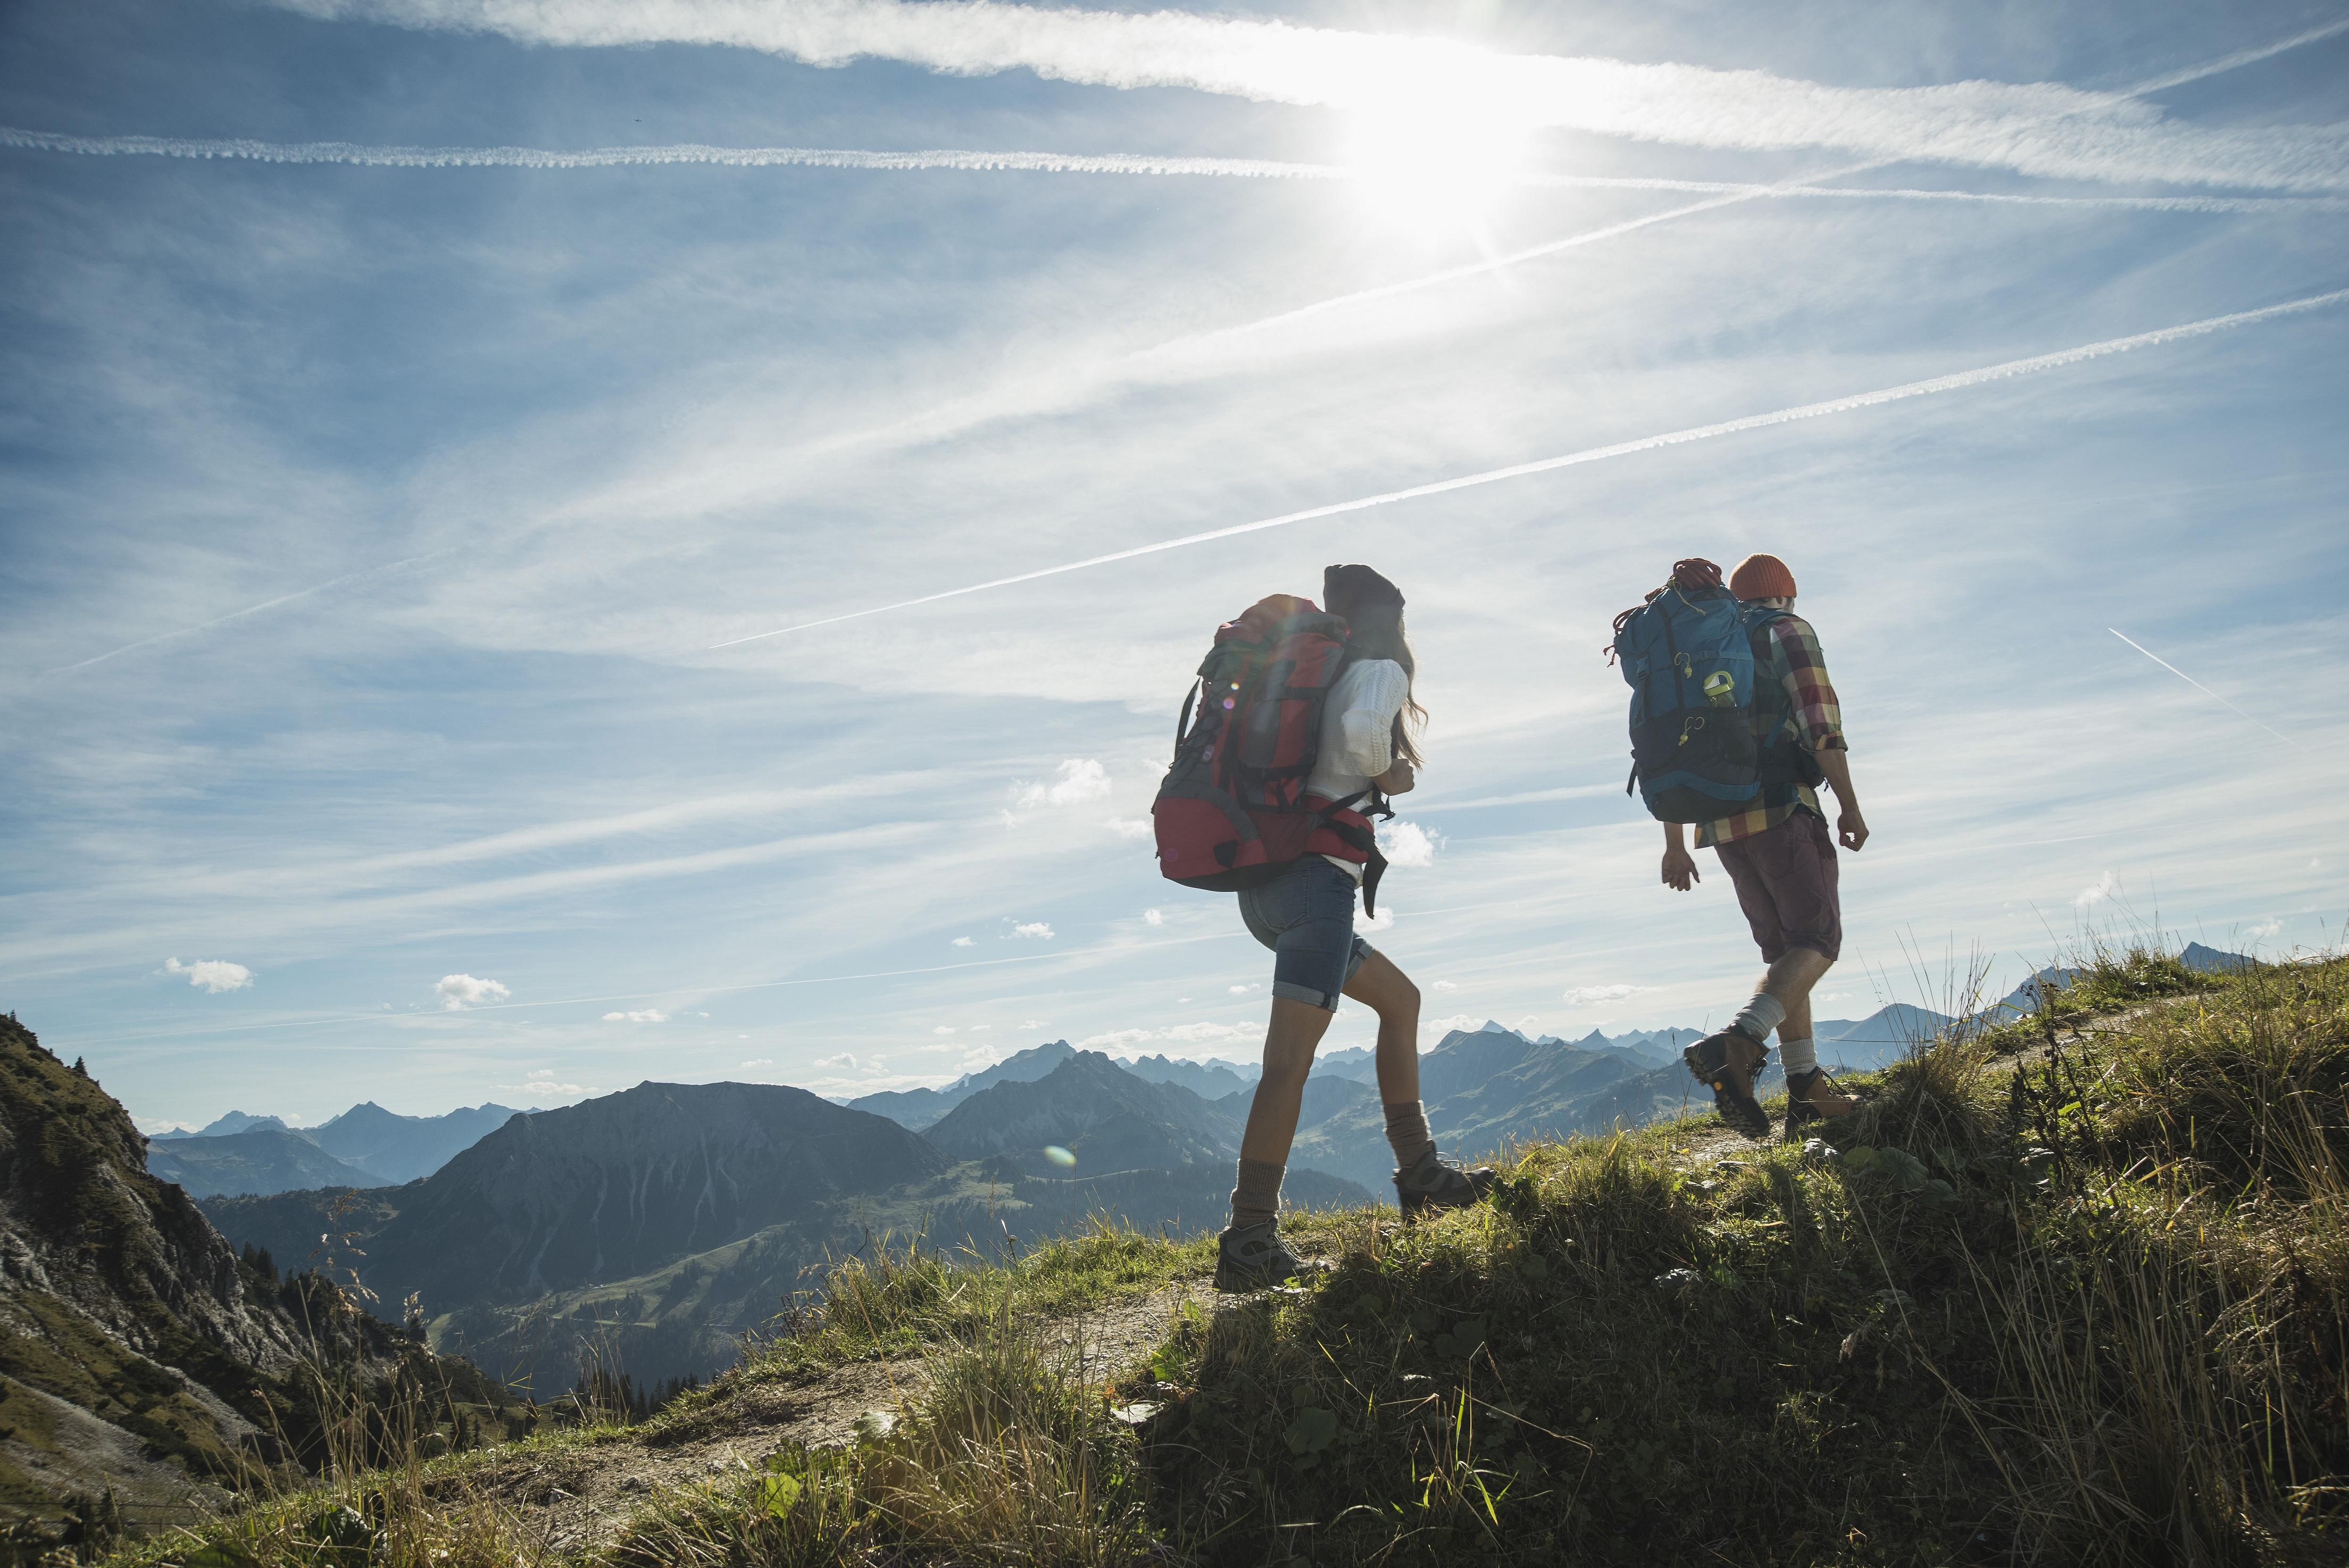 10 удивительных фактов о путешествиях, о которых вы вряд ли догадывались раньше